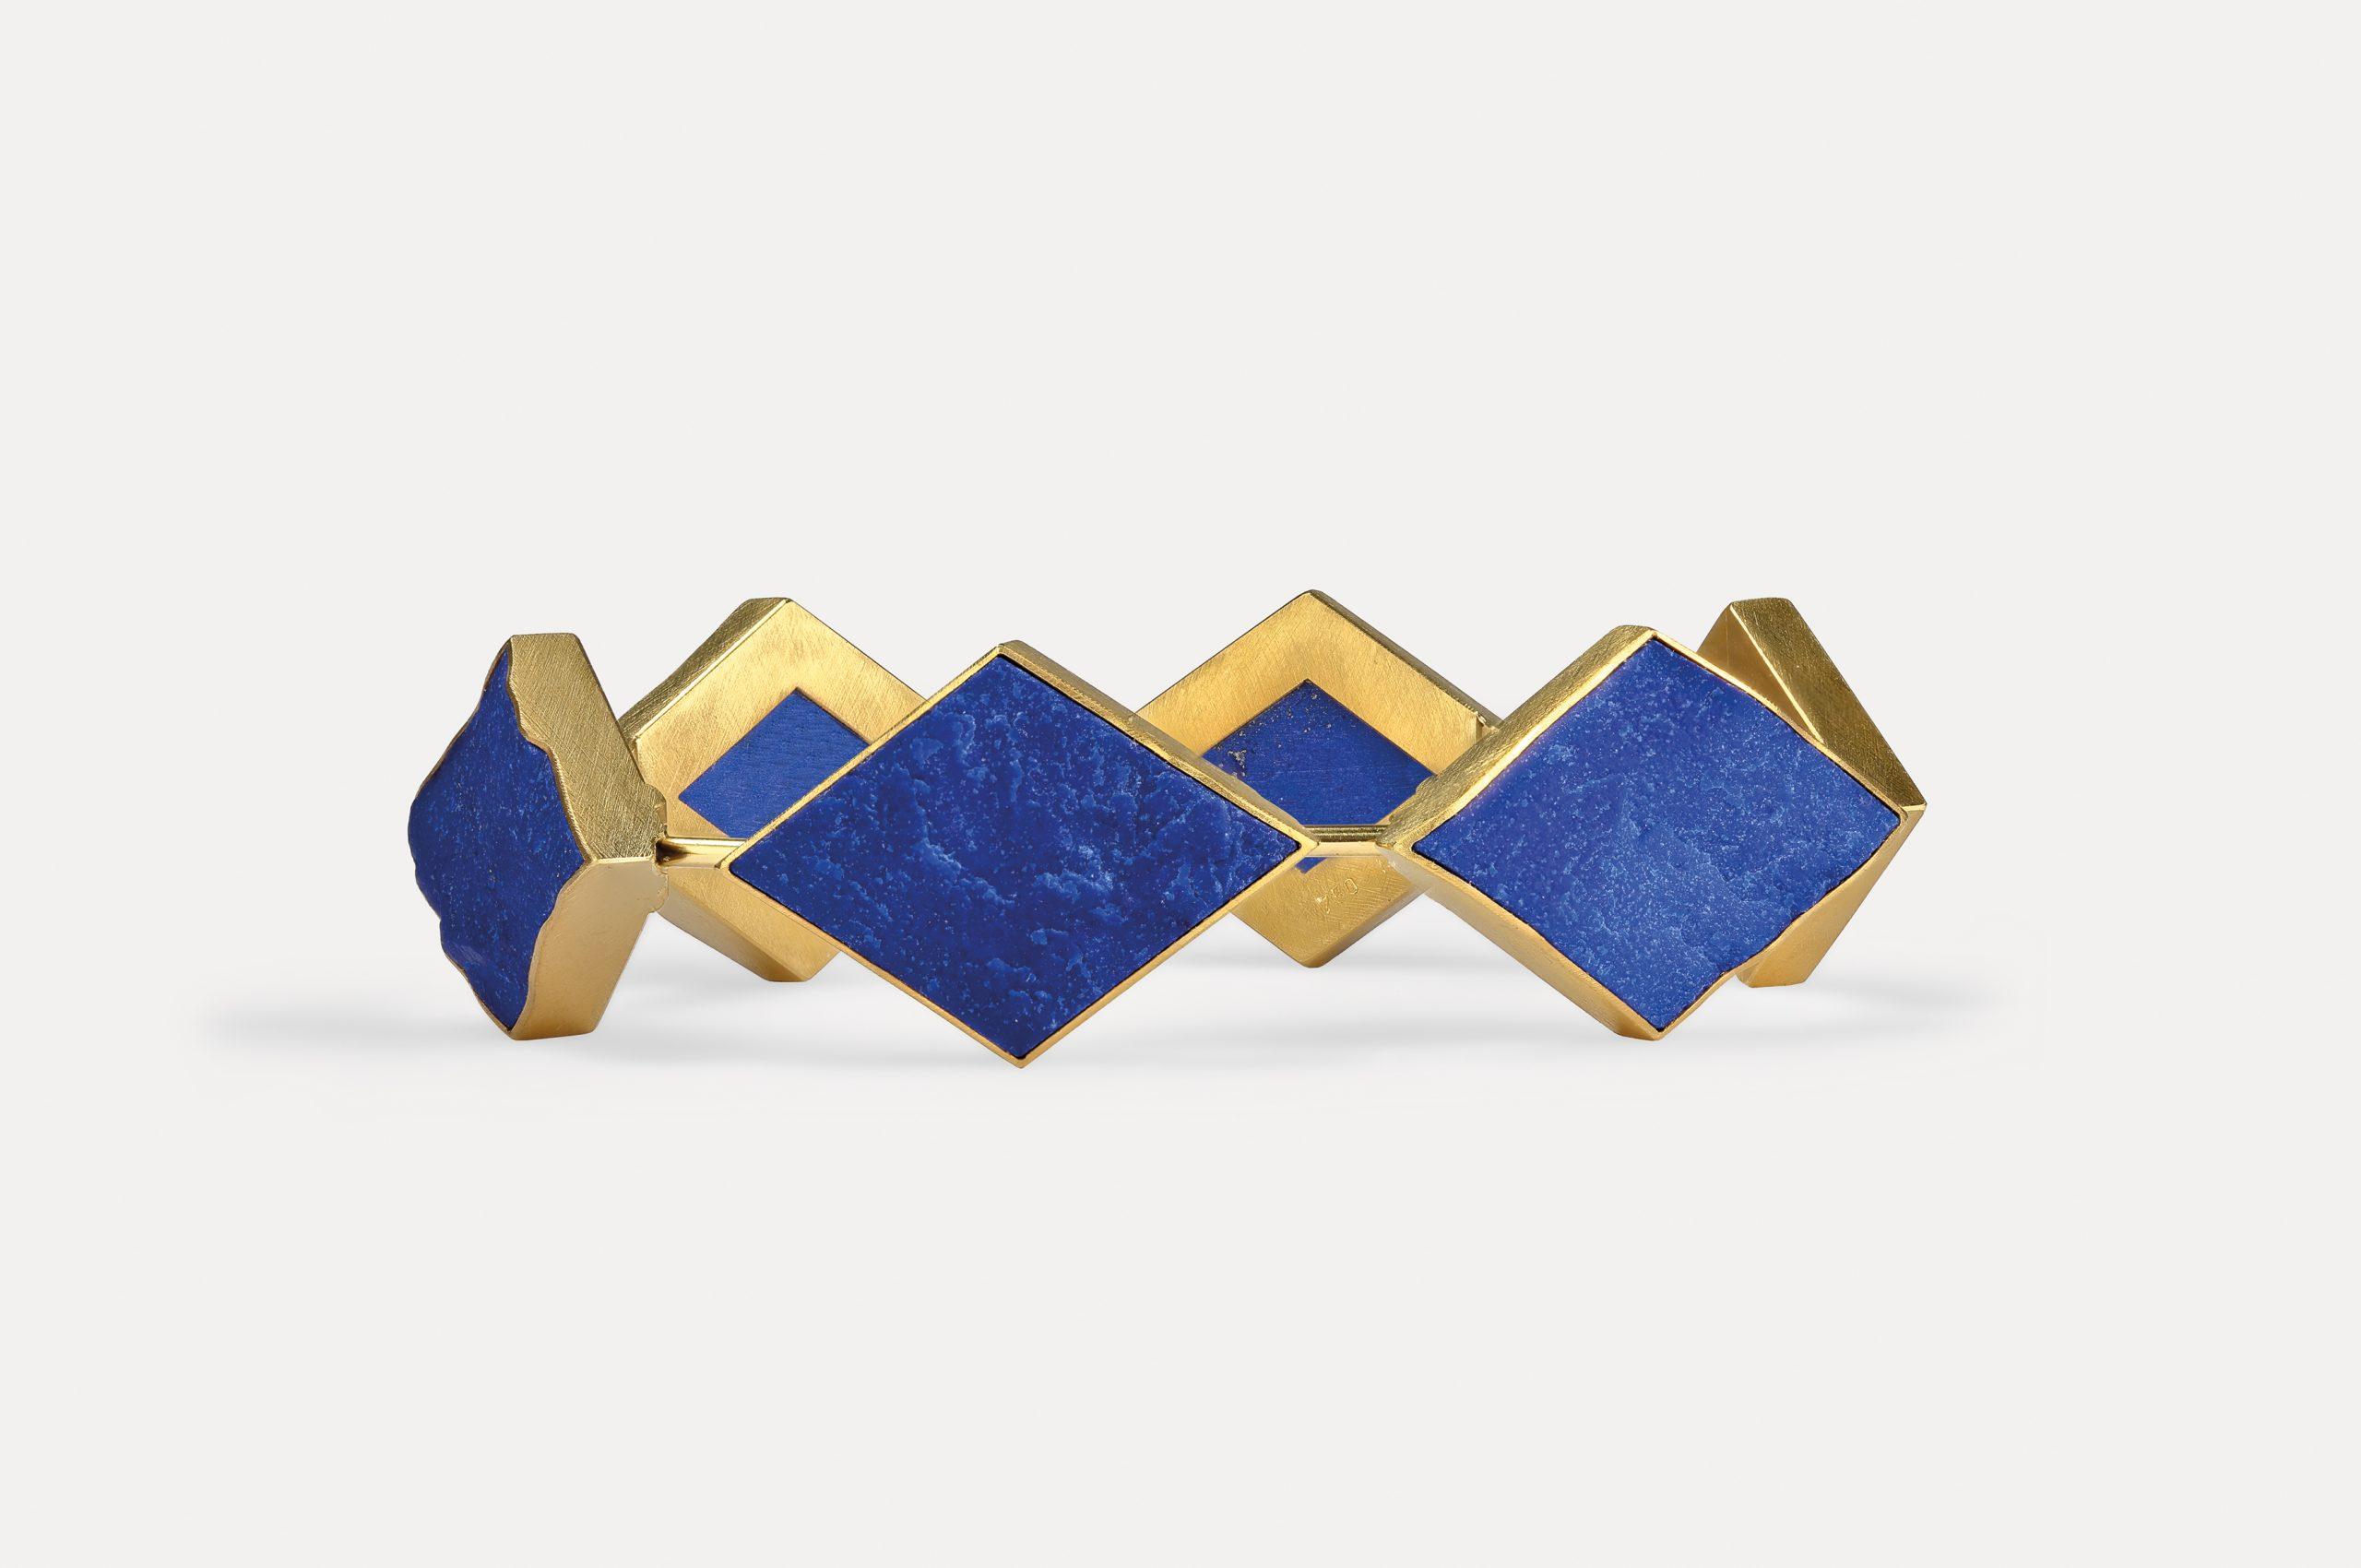 Armband_2020_Au750_Lapislazuli_178x20mm